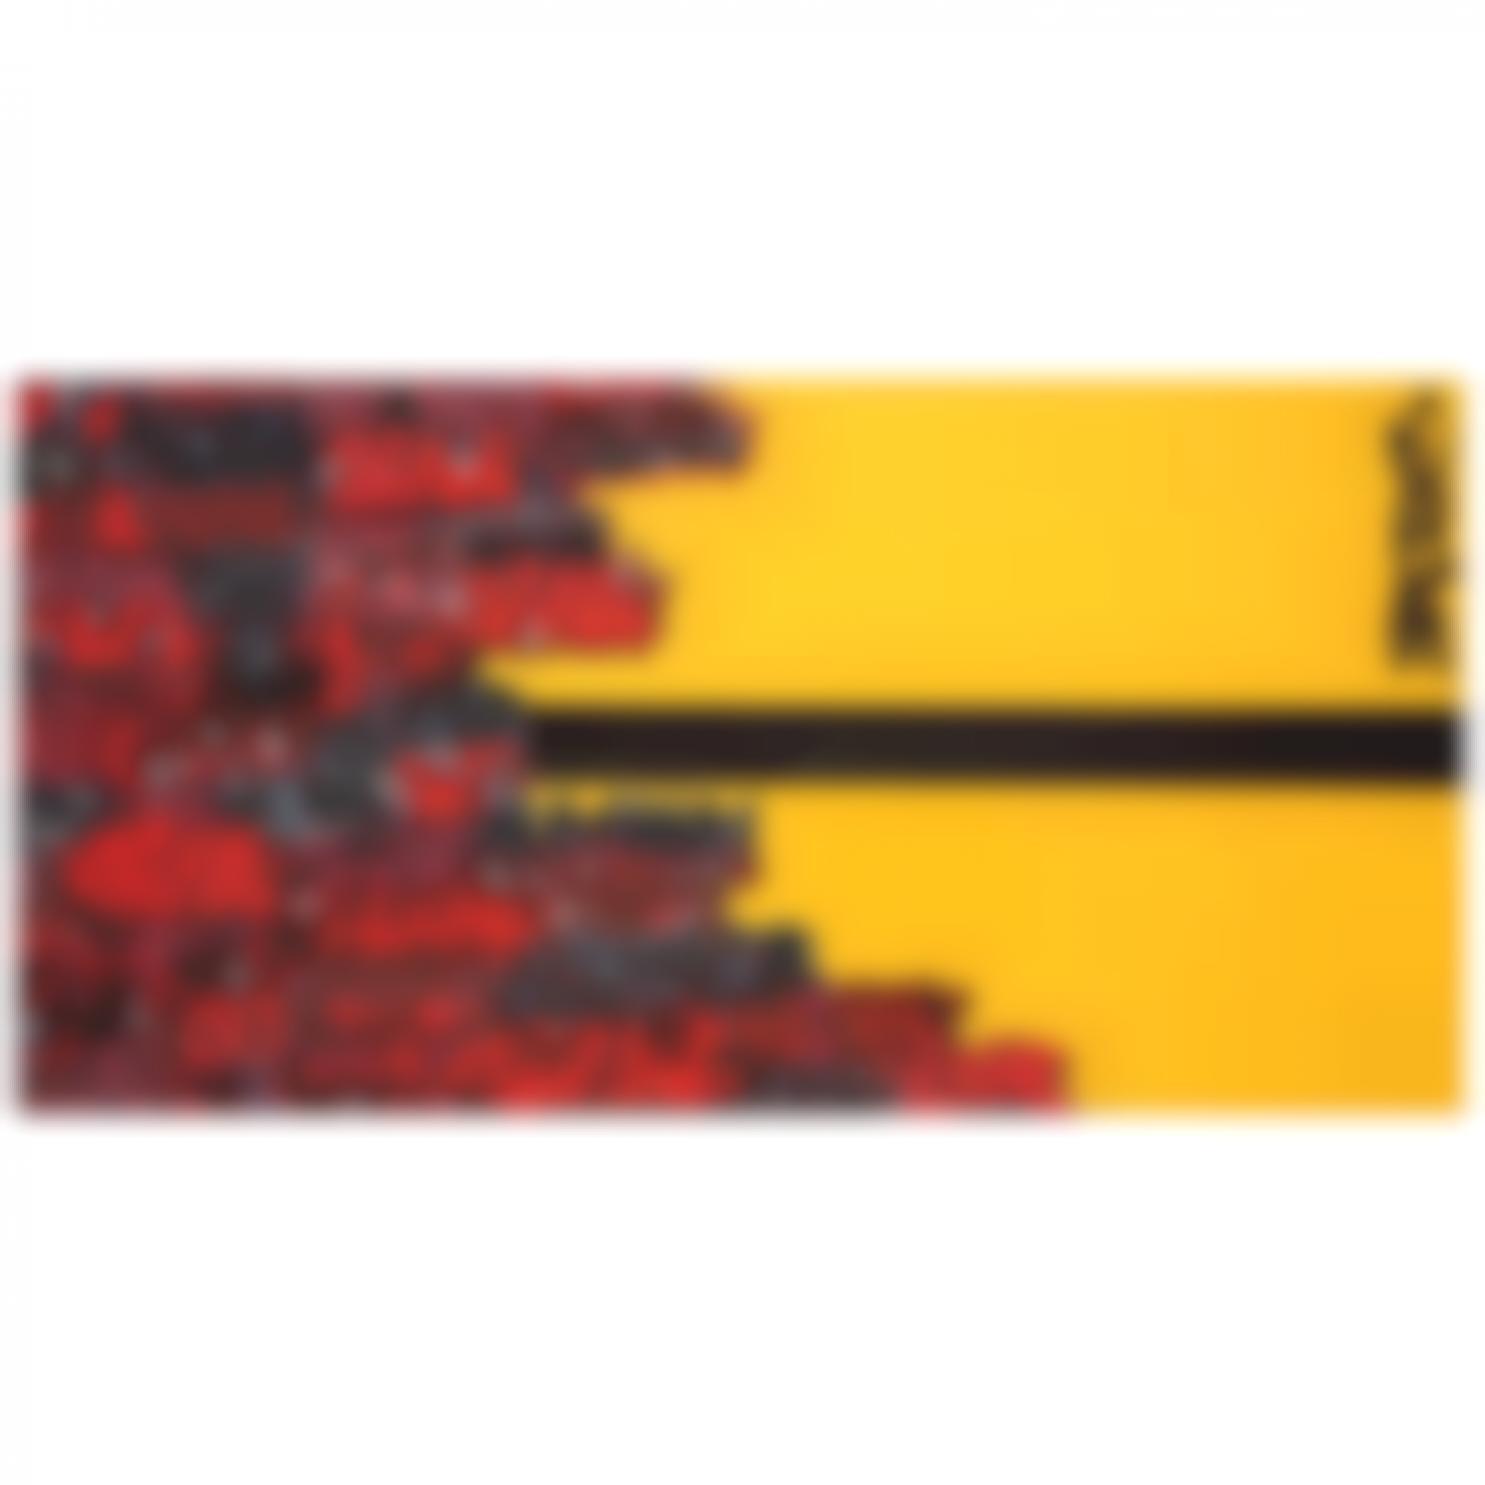 Wean-Sans Titre-2015